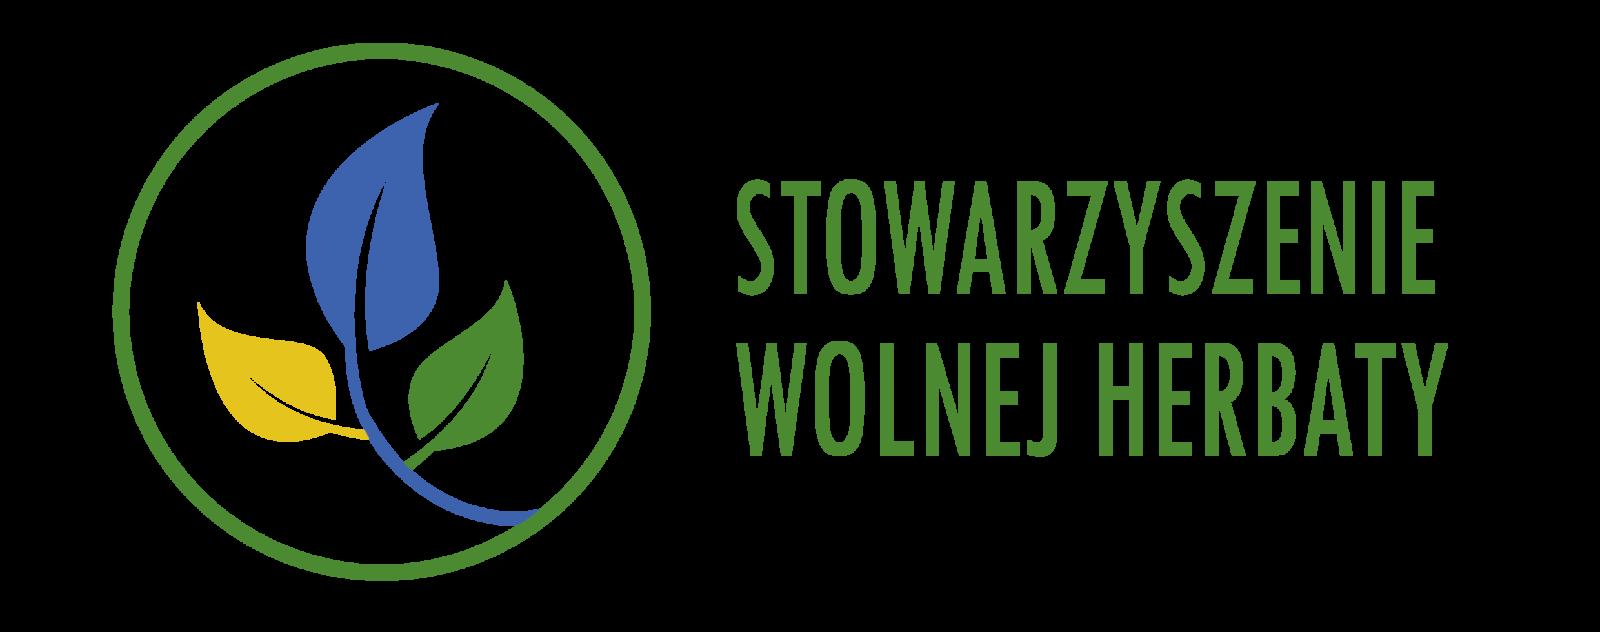 Logotyp przedstawiający napis zielony Stowarzyszenie Wolnej Herbaty i okrągła zieloną ramkę. W ramce znajduje się ilustracja łodygi z trzema liśćmi - żółtym, zielonym, i niebieskim.